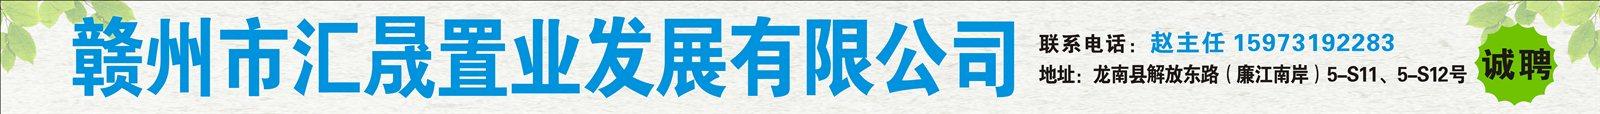 贛州市匯晟置業發展有限公司